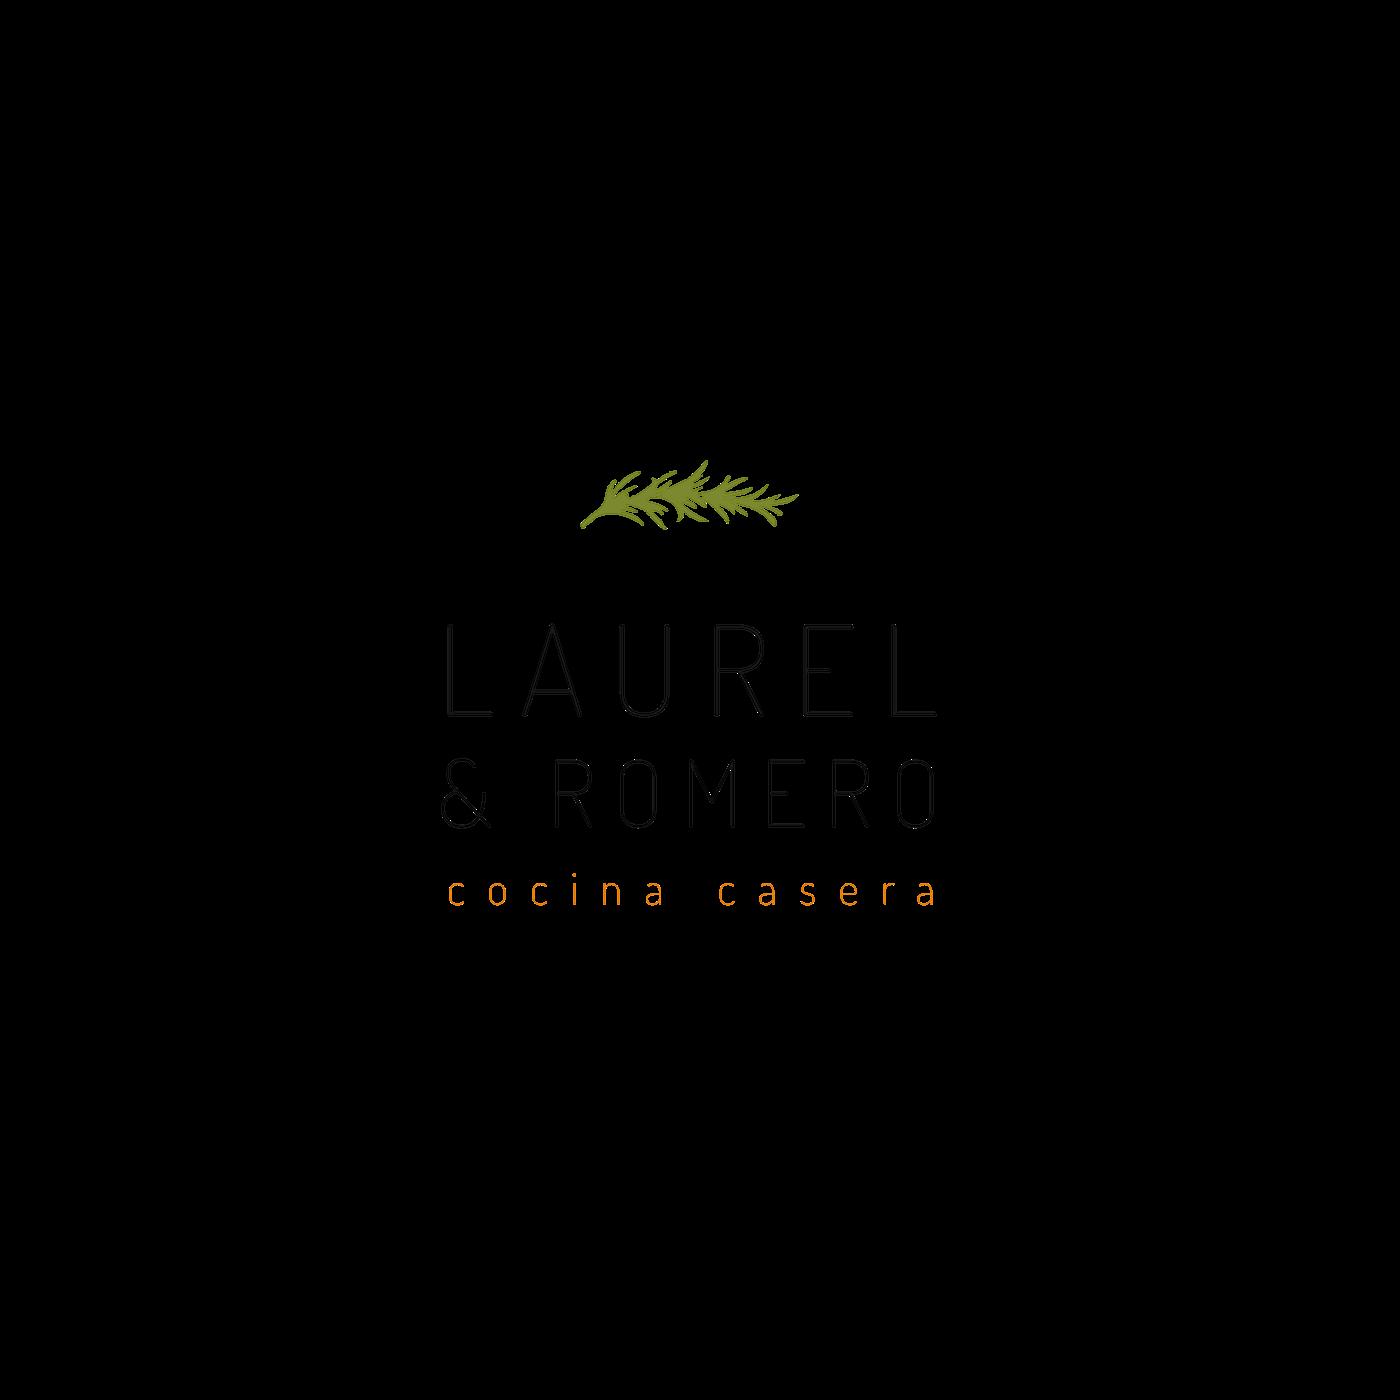 branding  diseño grafico identidad ilustracion logo Logotipo marca restaurant